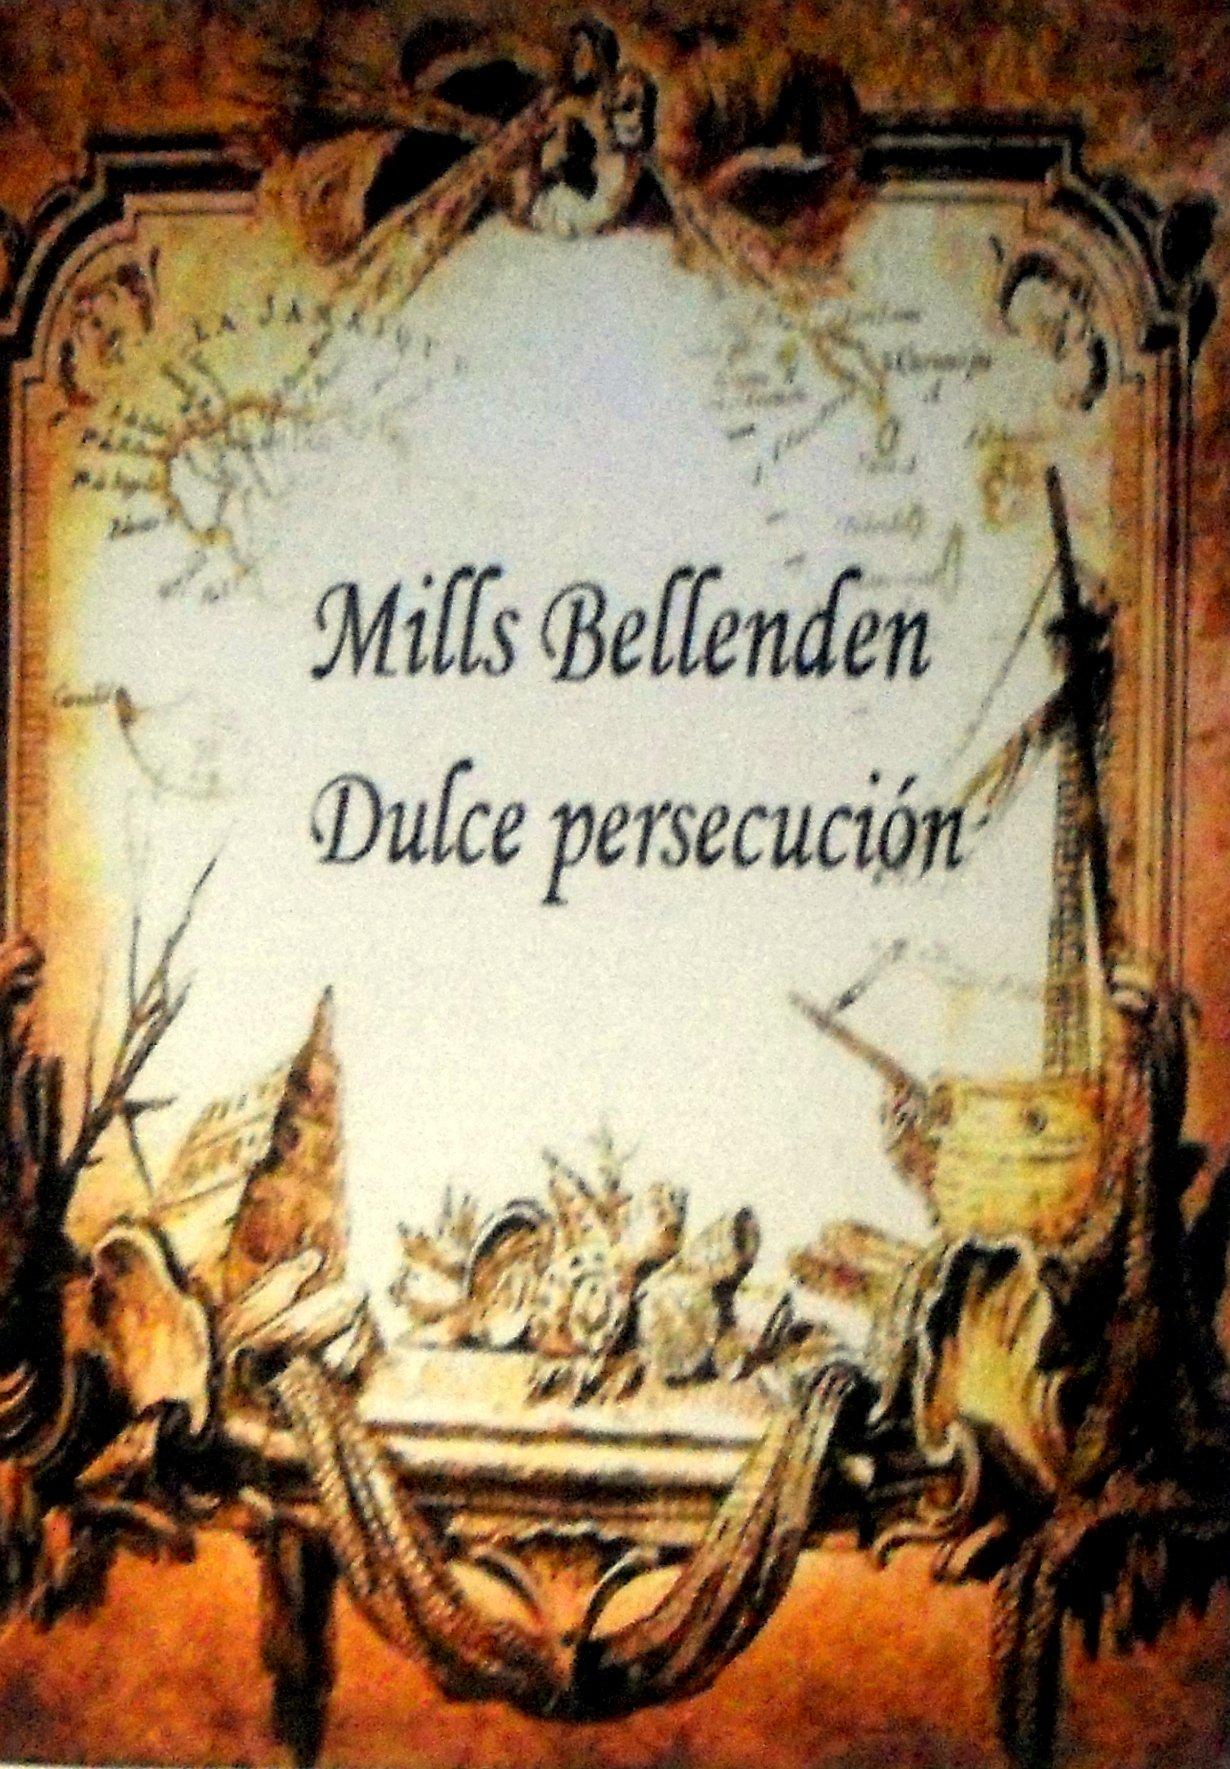 Dulce persecución